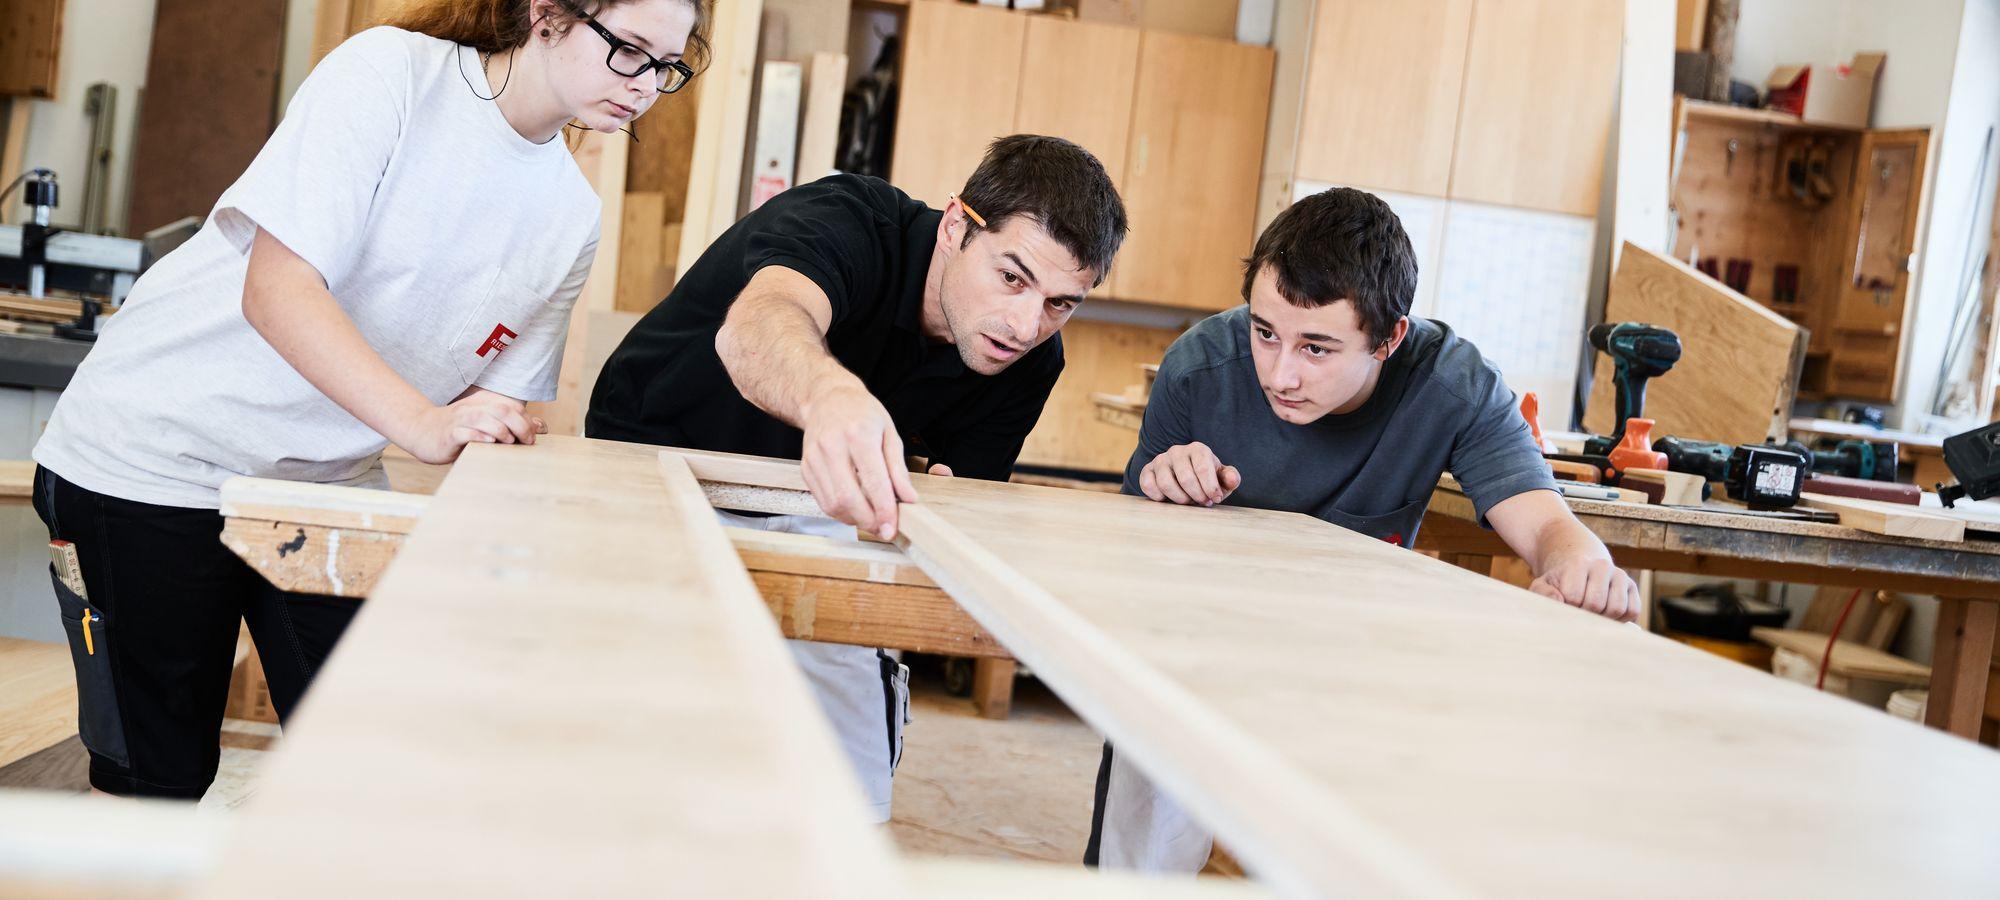 Tischlermeister mit seinen Tischlereilehrlingen